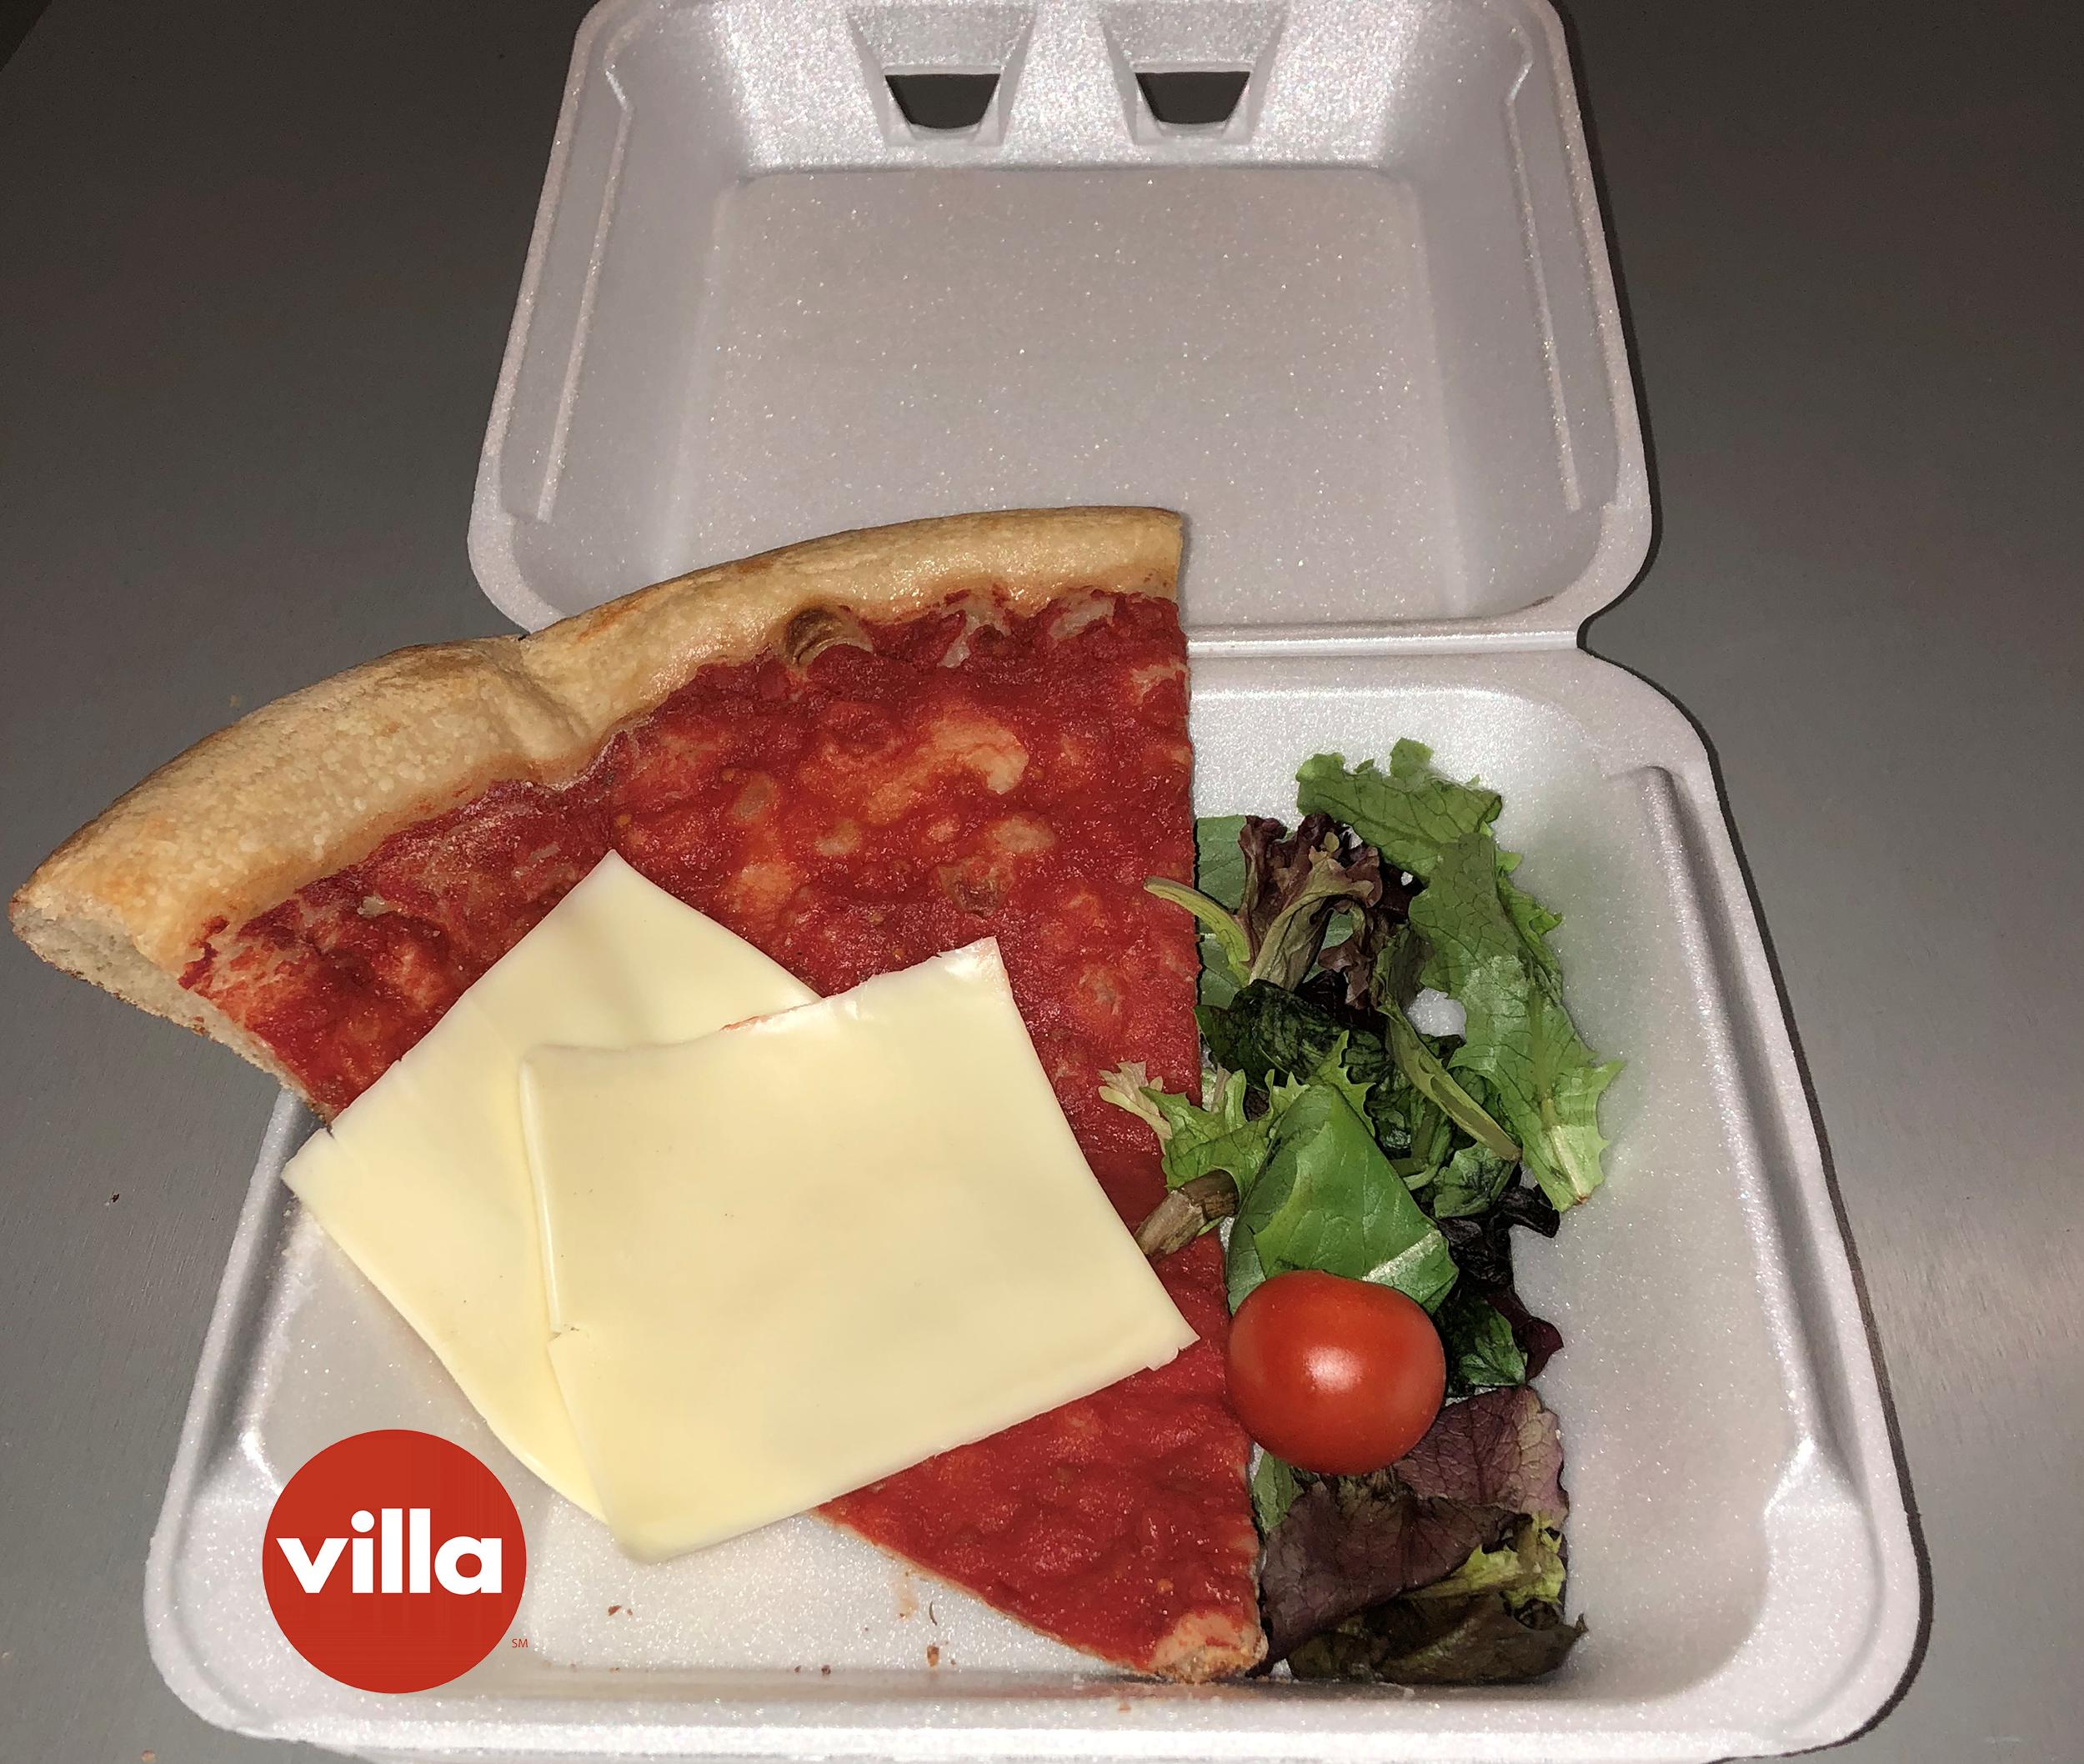 Villa Fresh Italian Kitchen Menu: Villa Italian Kitchen Is Parodying Fyre Fest With Cheese